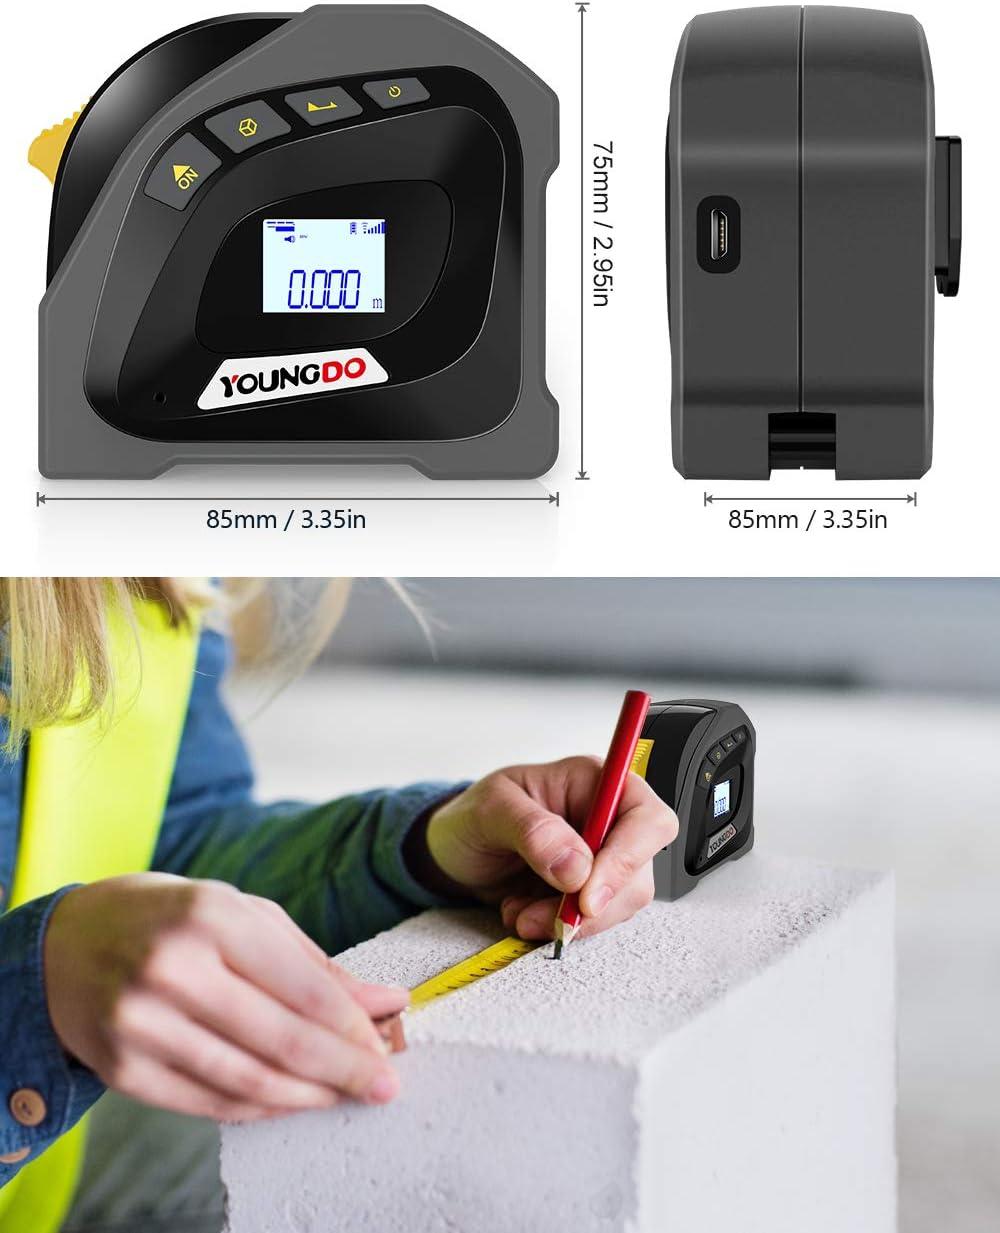 Pythagoras//Entfernung//Fl/äche//Volumen messen /±3mm YOUNGDO 40M Digitale Laser Entfernungsmesse mit 5m Massband Wiederaufladbar Lasermessger/äte Ein-Klick-/Änderung Ausgangspunkt der Messung M//Ft//In